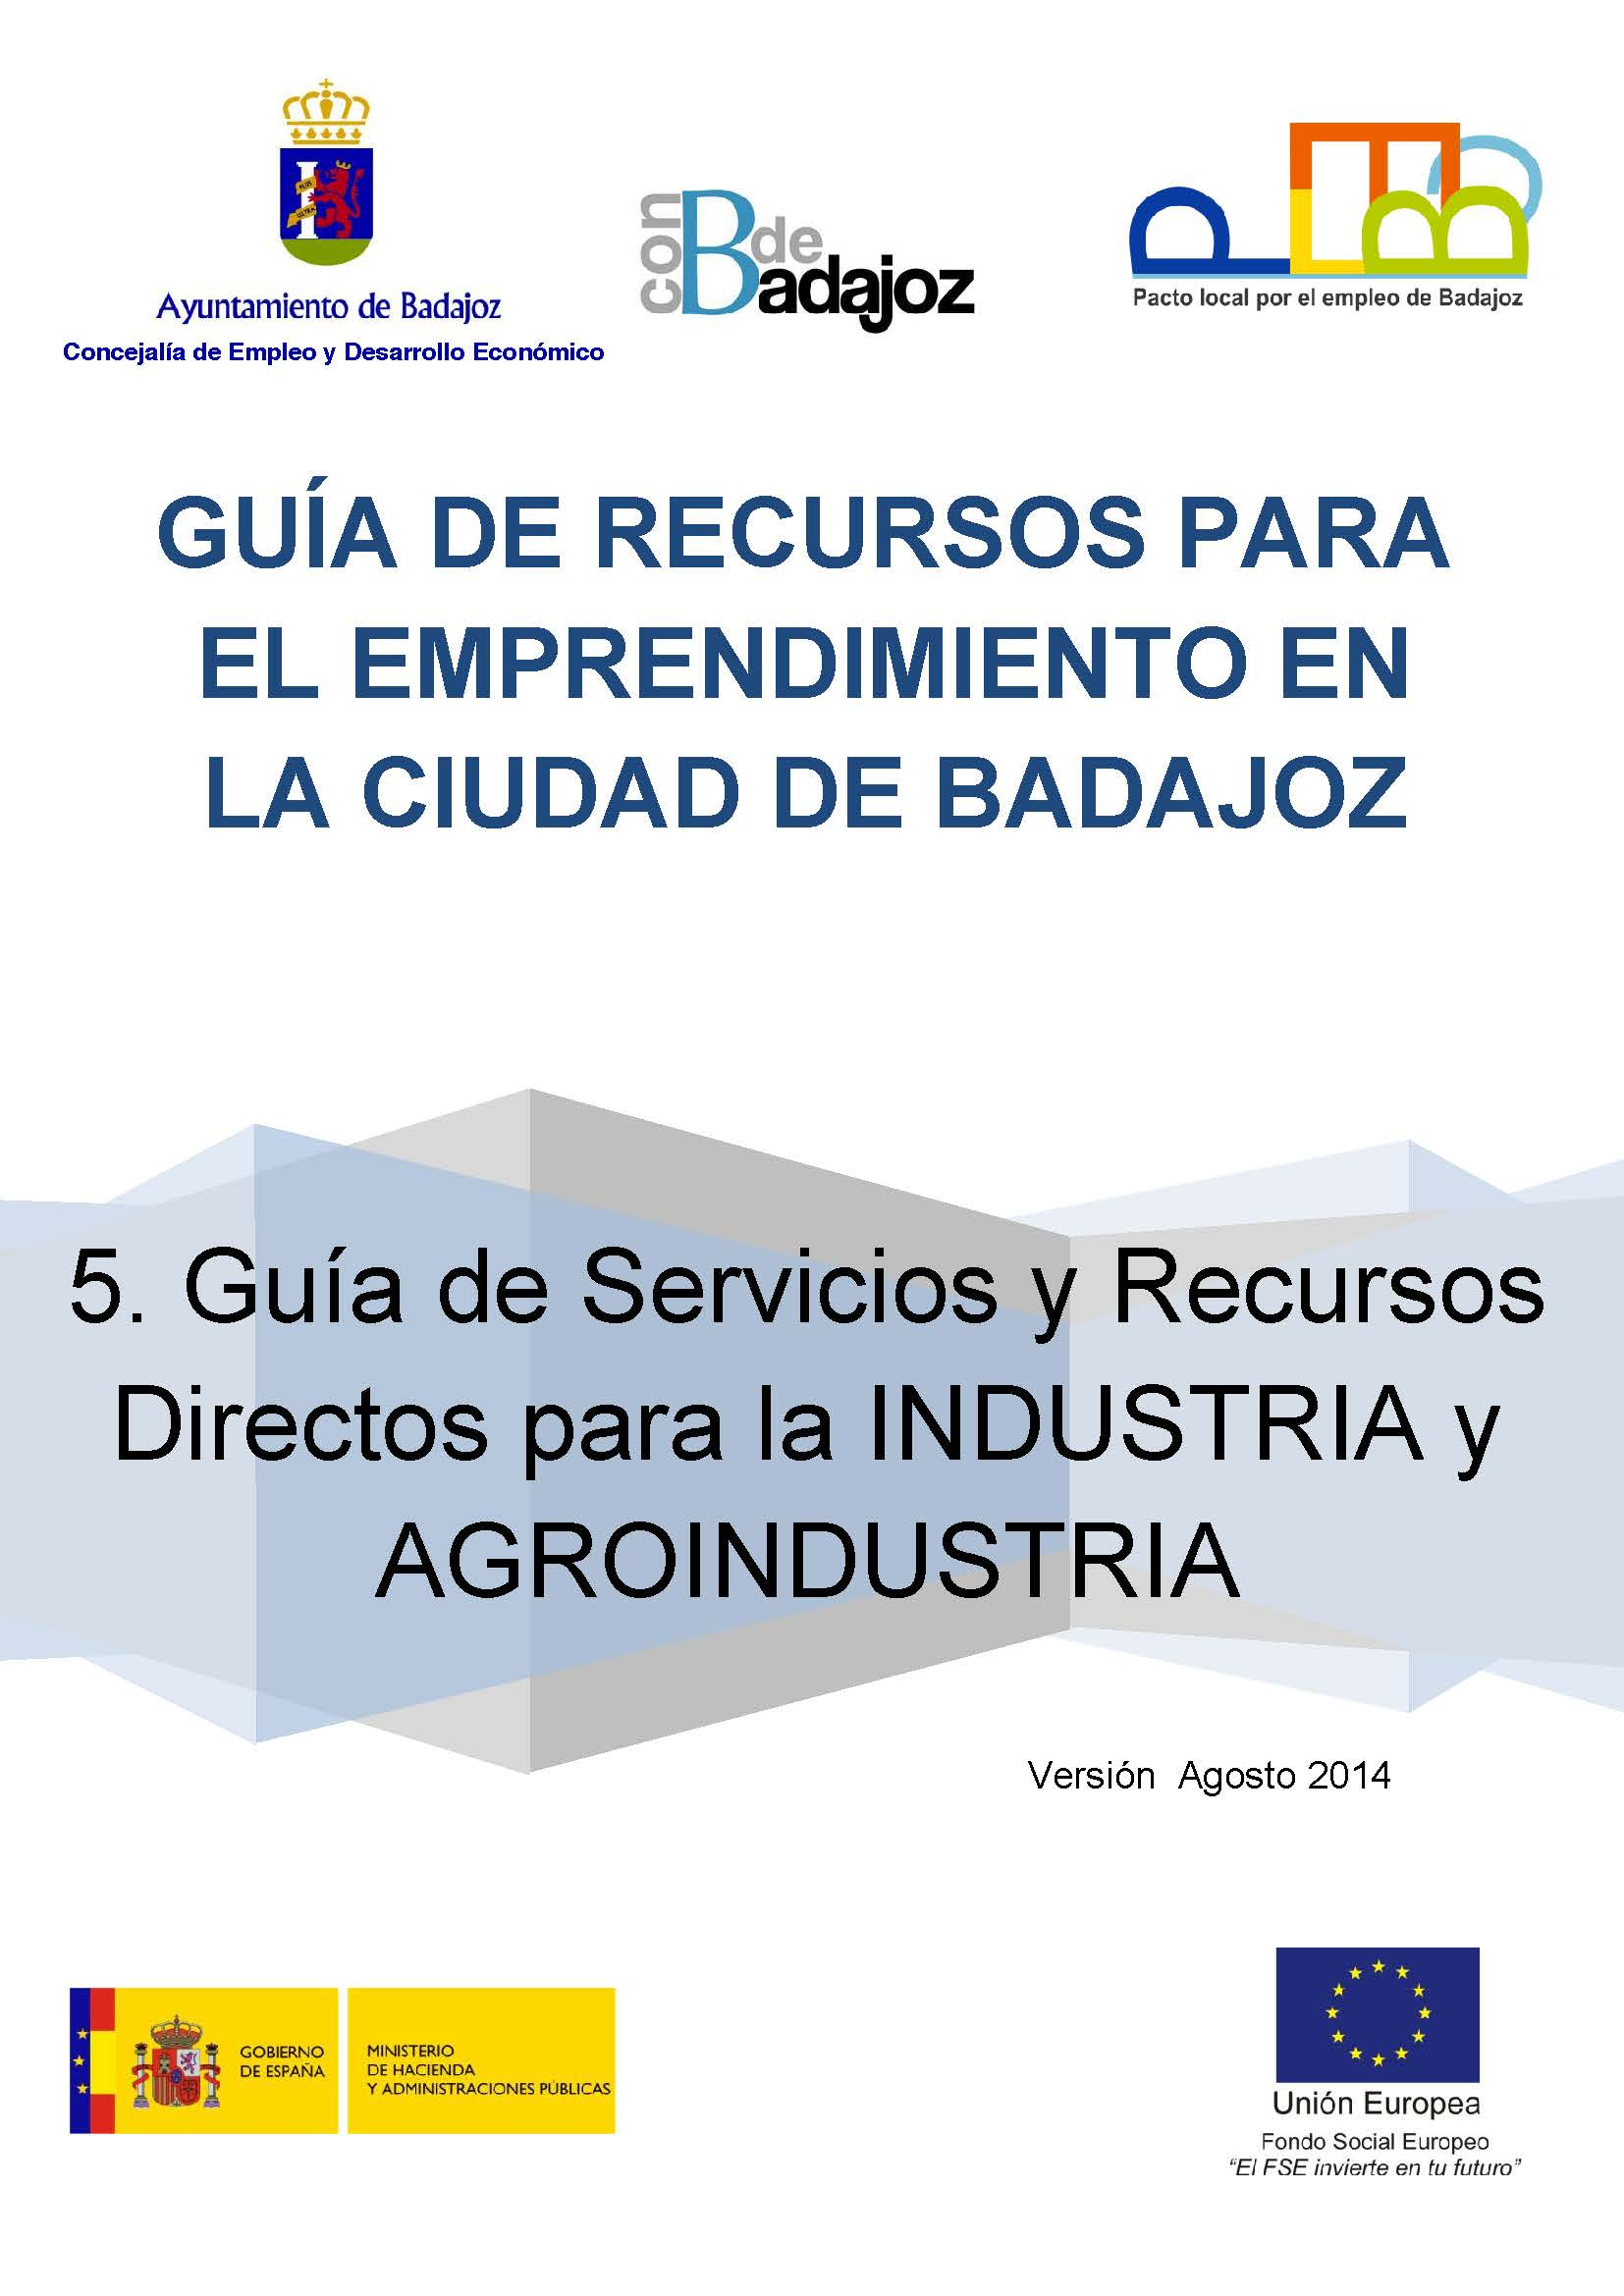 Guía de Recursos y Servicios directos para la Industria y Agroindustria en la ciudad de Badajoz